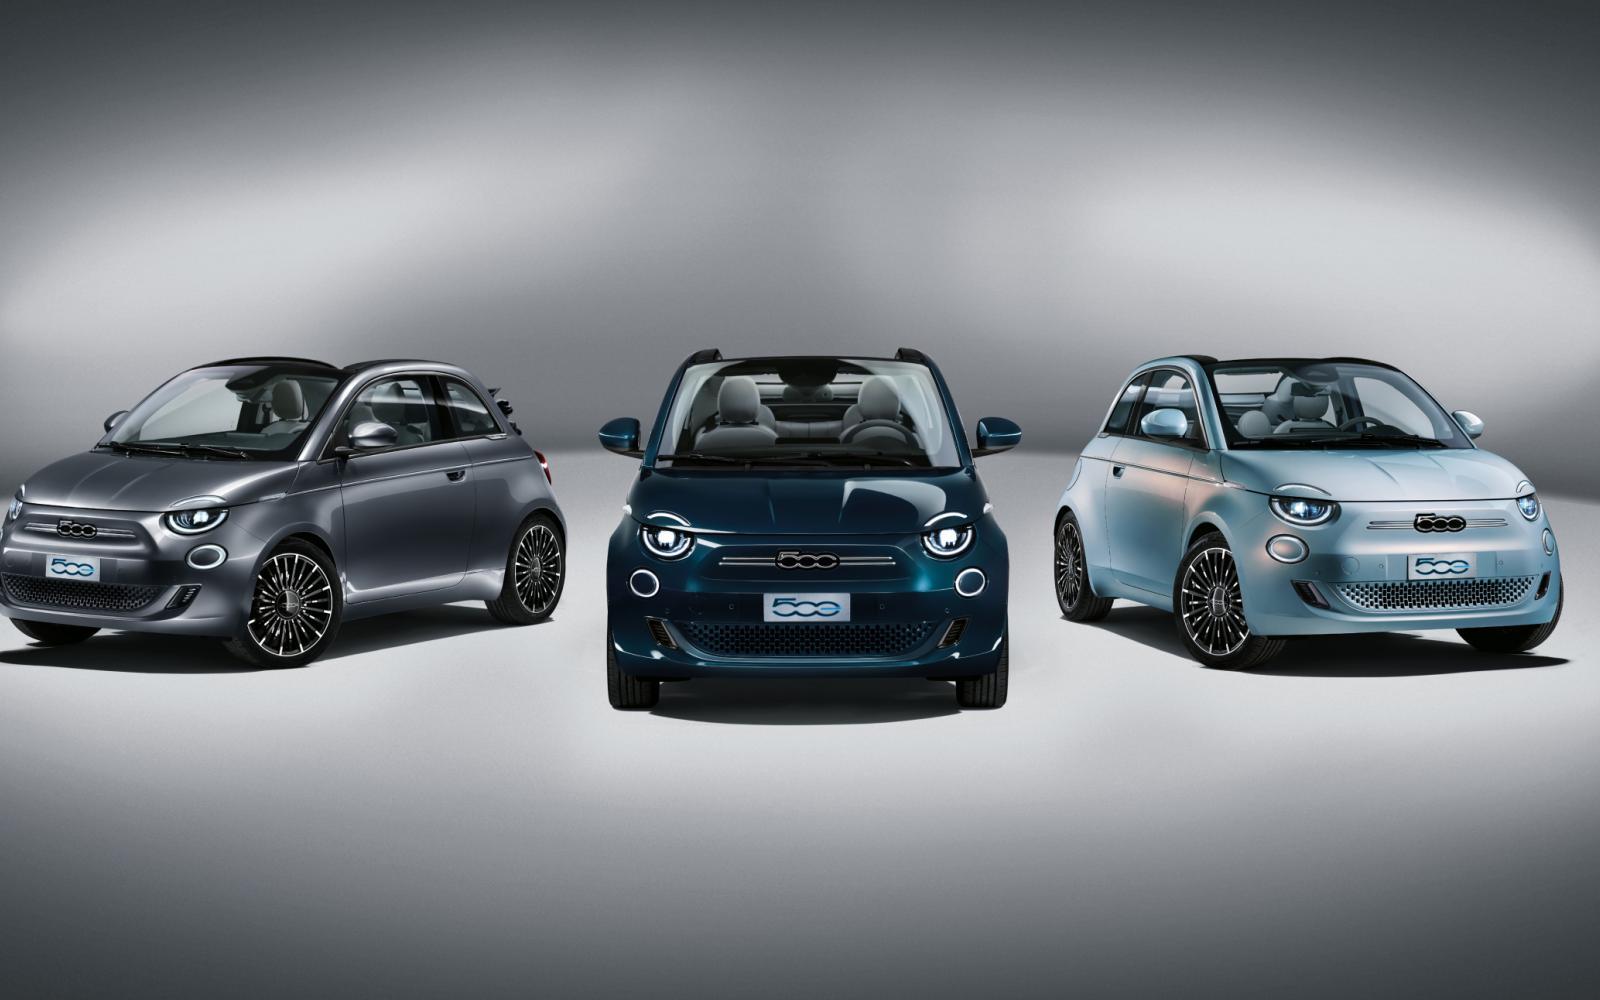 Fiat 500 (2020): prijs is 22x hoger dan de eerste Fiat 500 (1957)